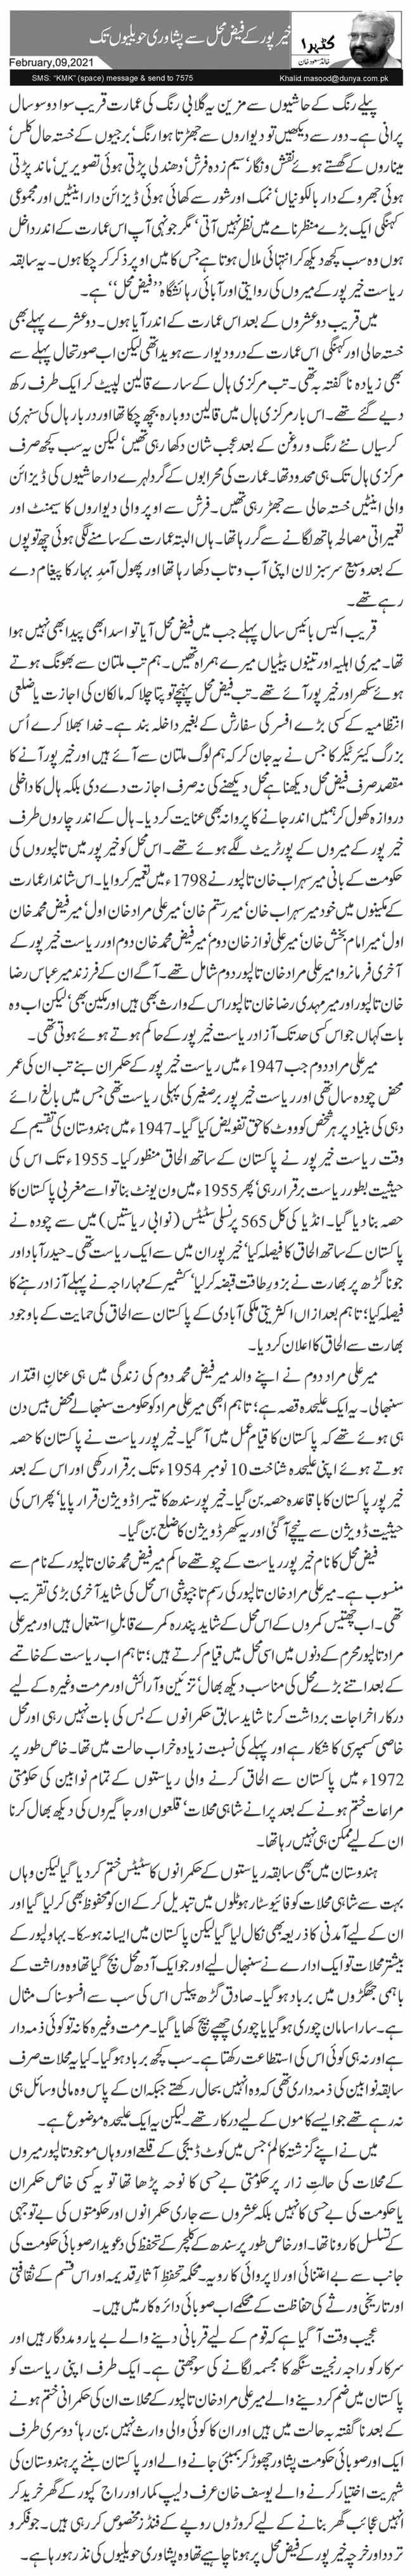 خیر پور کے فیض محل سے پشاوری حویلیوں تک